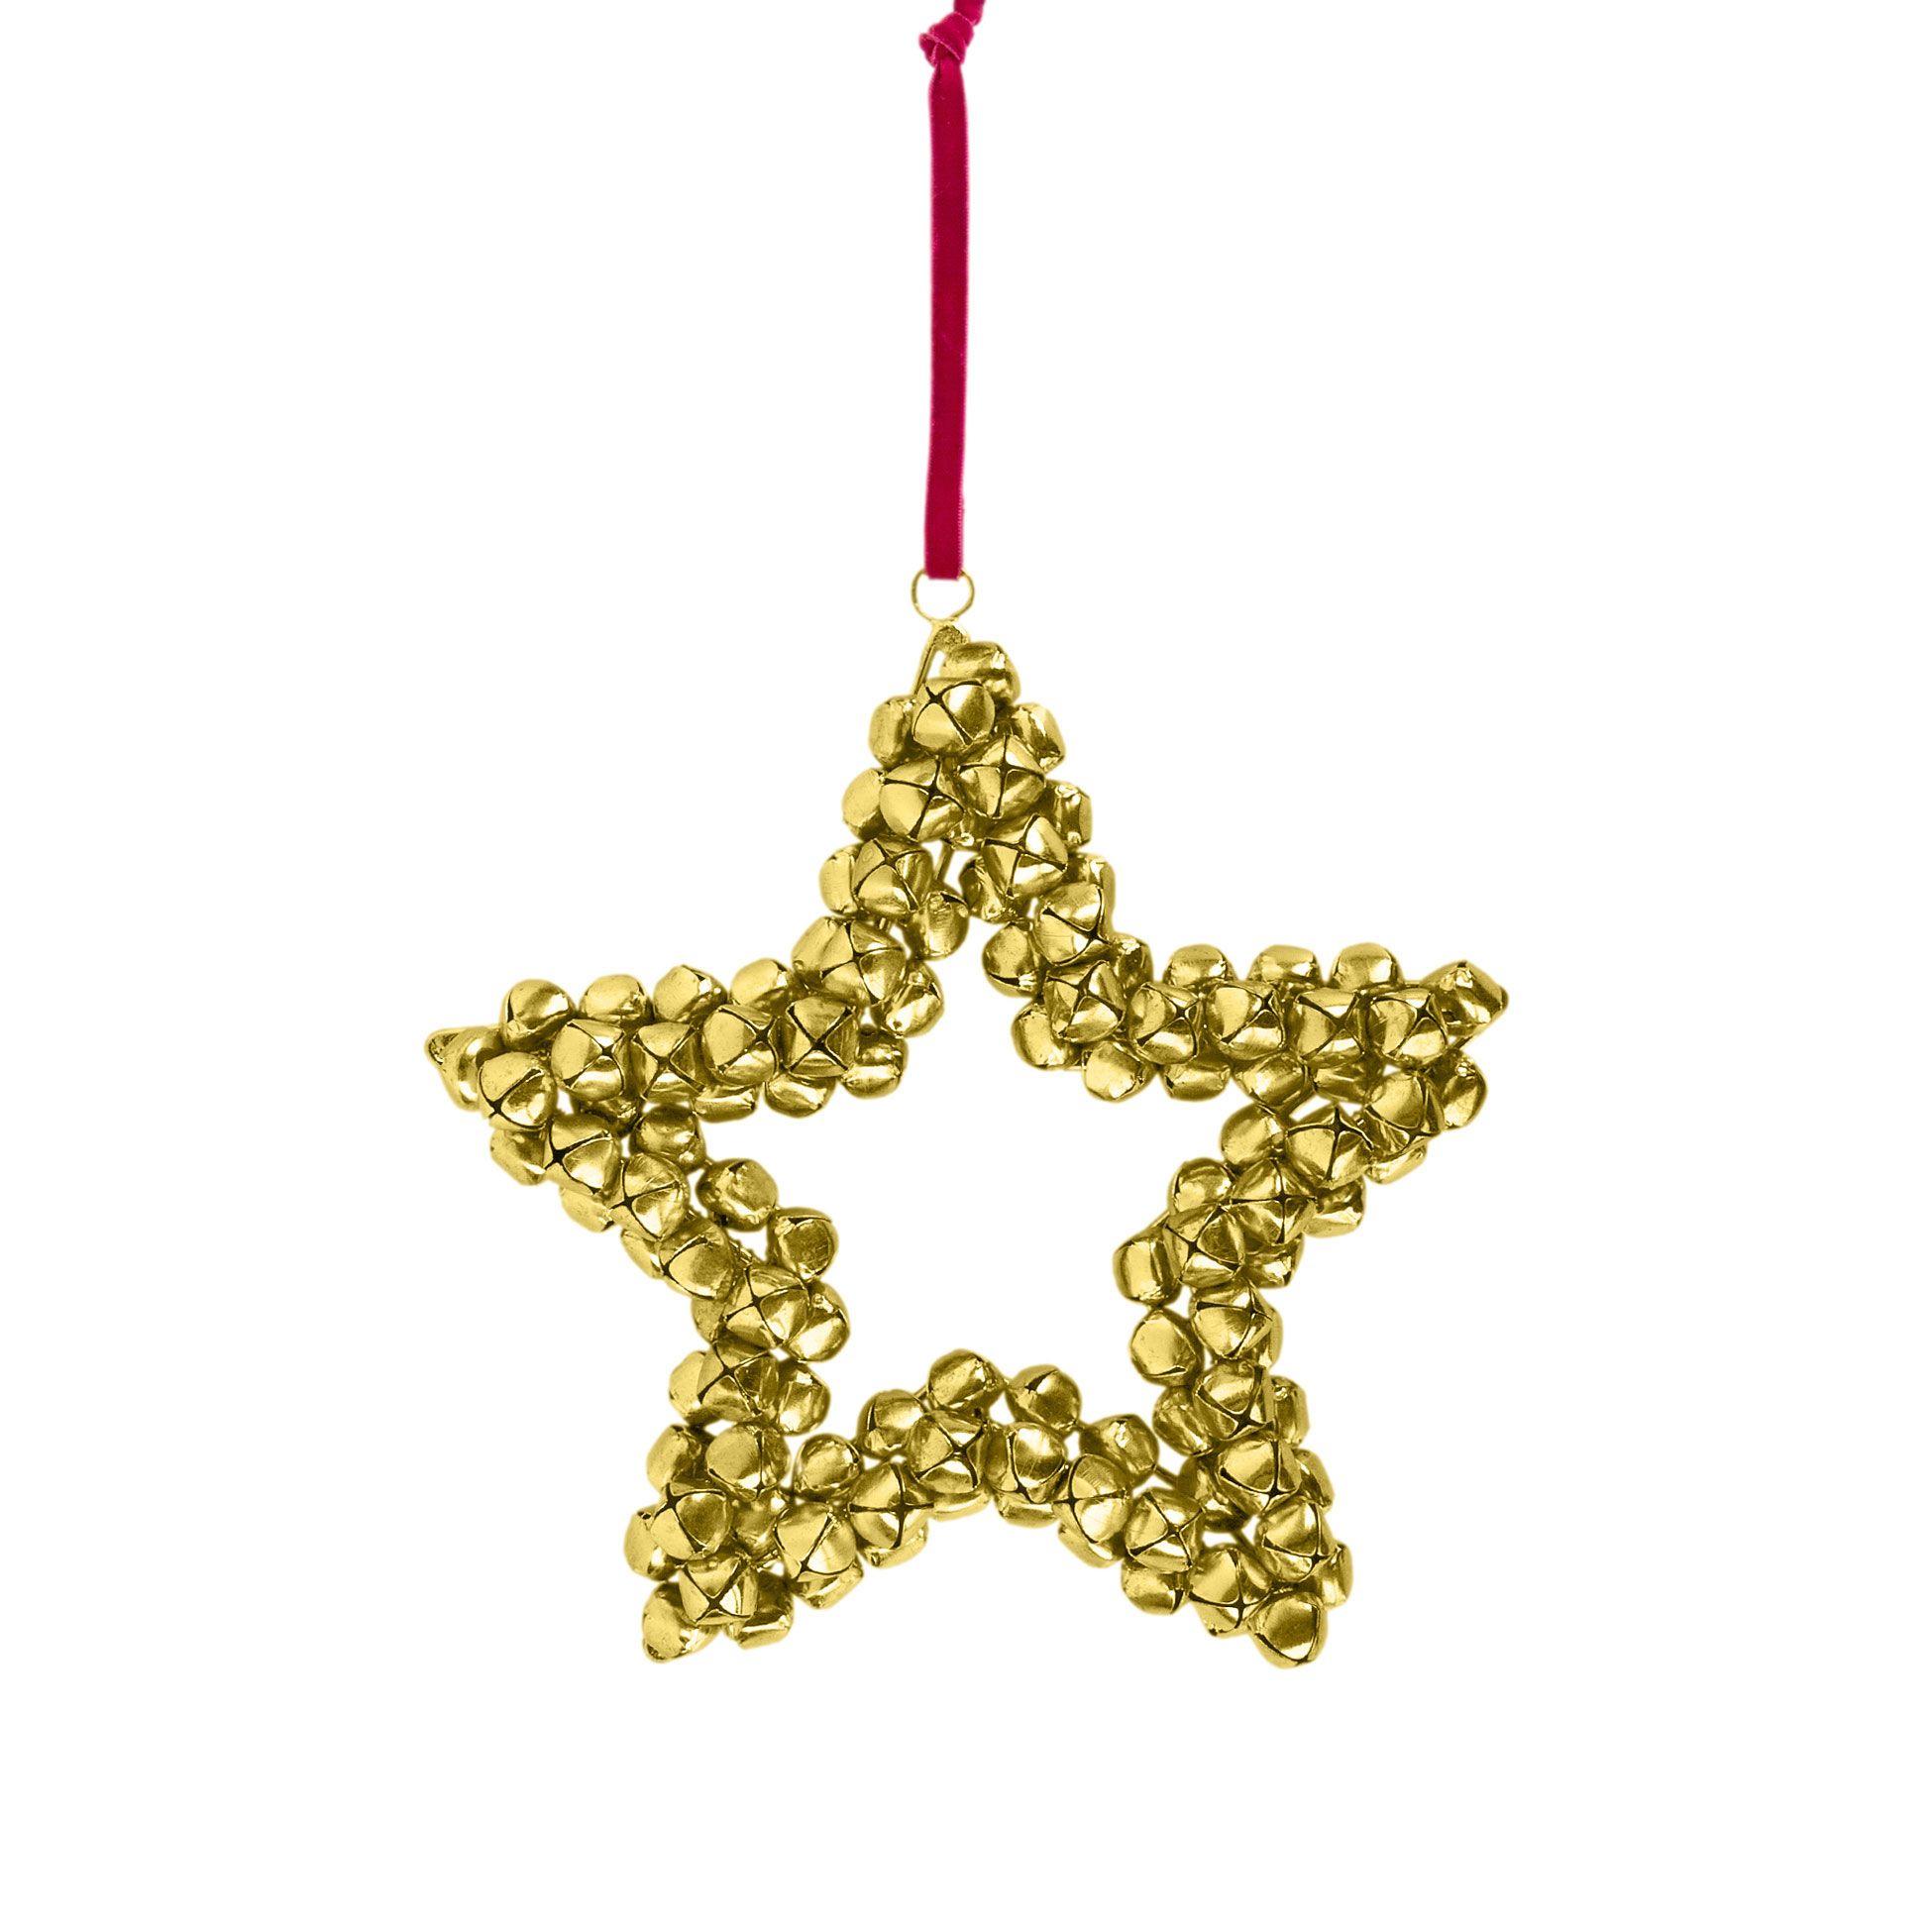 ZARA HOME | Adorno Estrella Cascabeles | adornos navideños ...